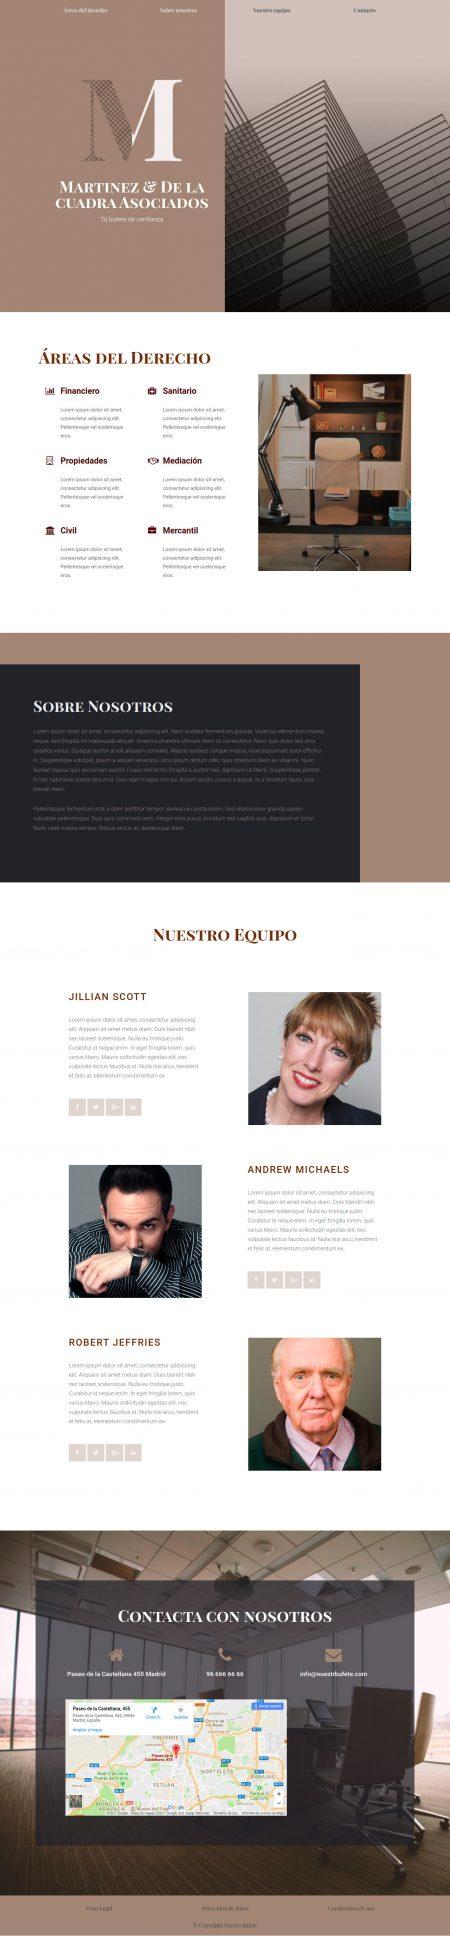 Despacho-de-abogados-onepage_modelo1 abogado.shop Web